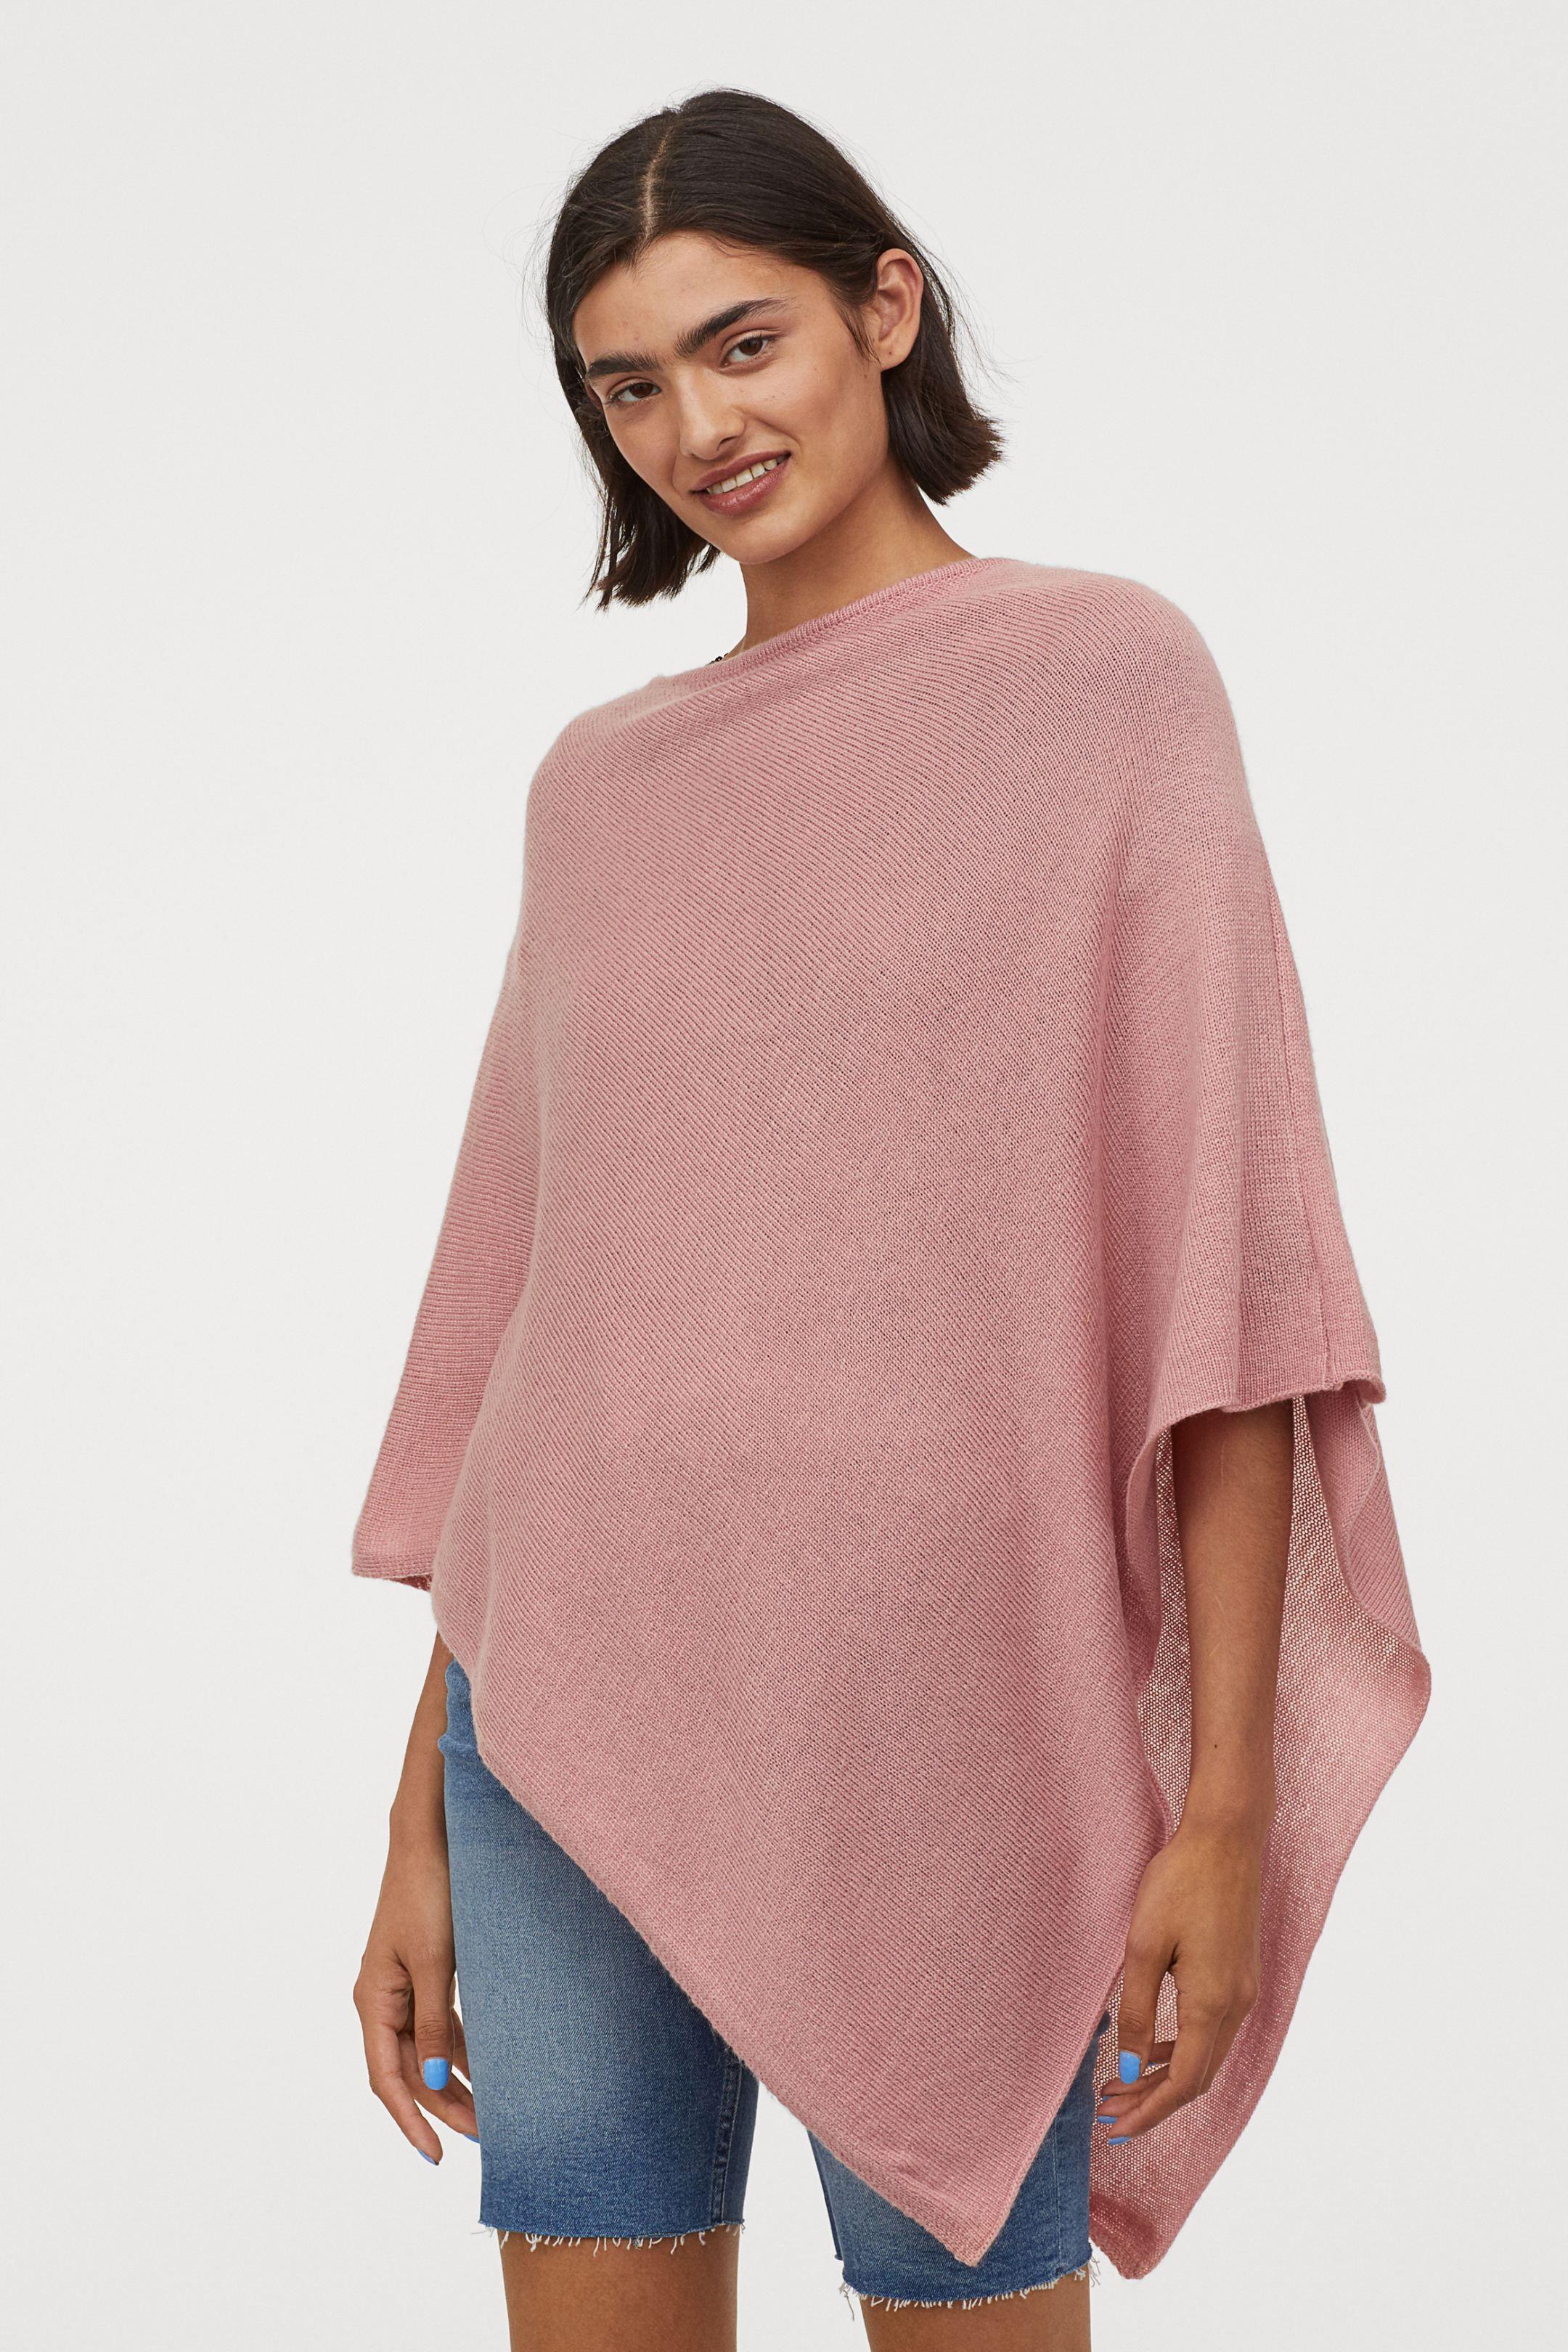 Wool poncho Exclusive poncho Black wool poncho 36 colors White poncho Wool poncho Women Plus size poncho Cashmere blouse